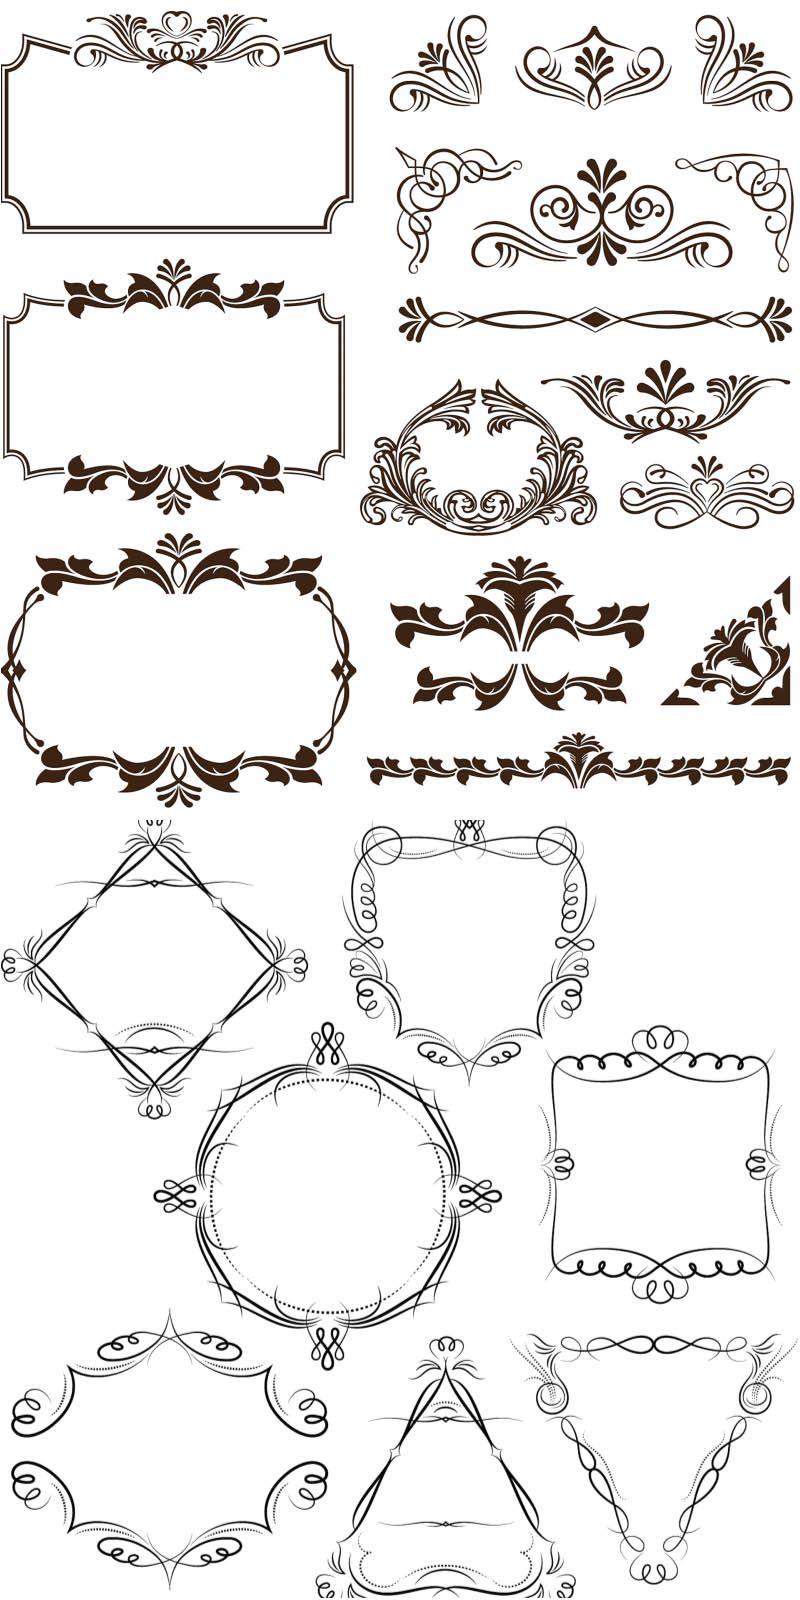 Marcos   Vectores   Pinterest   Marcos, Etiquetas y Ornamentos